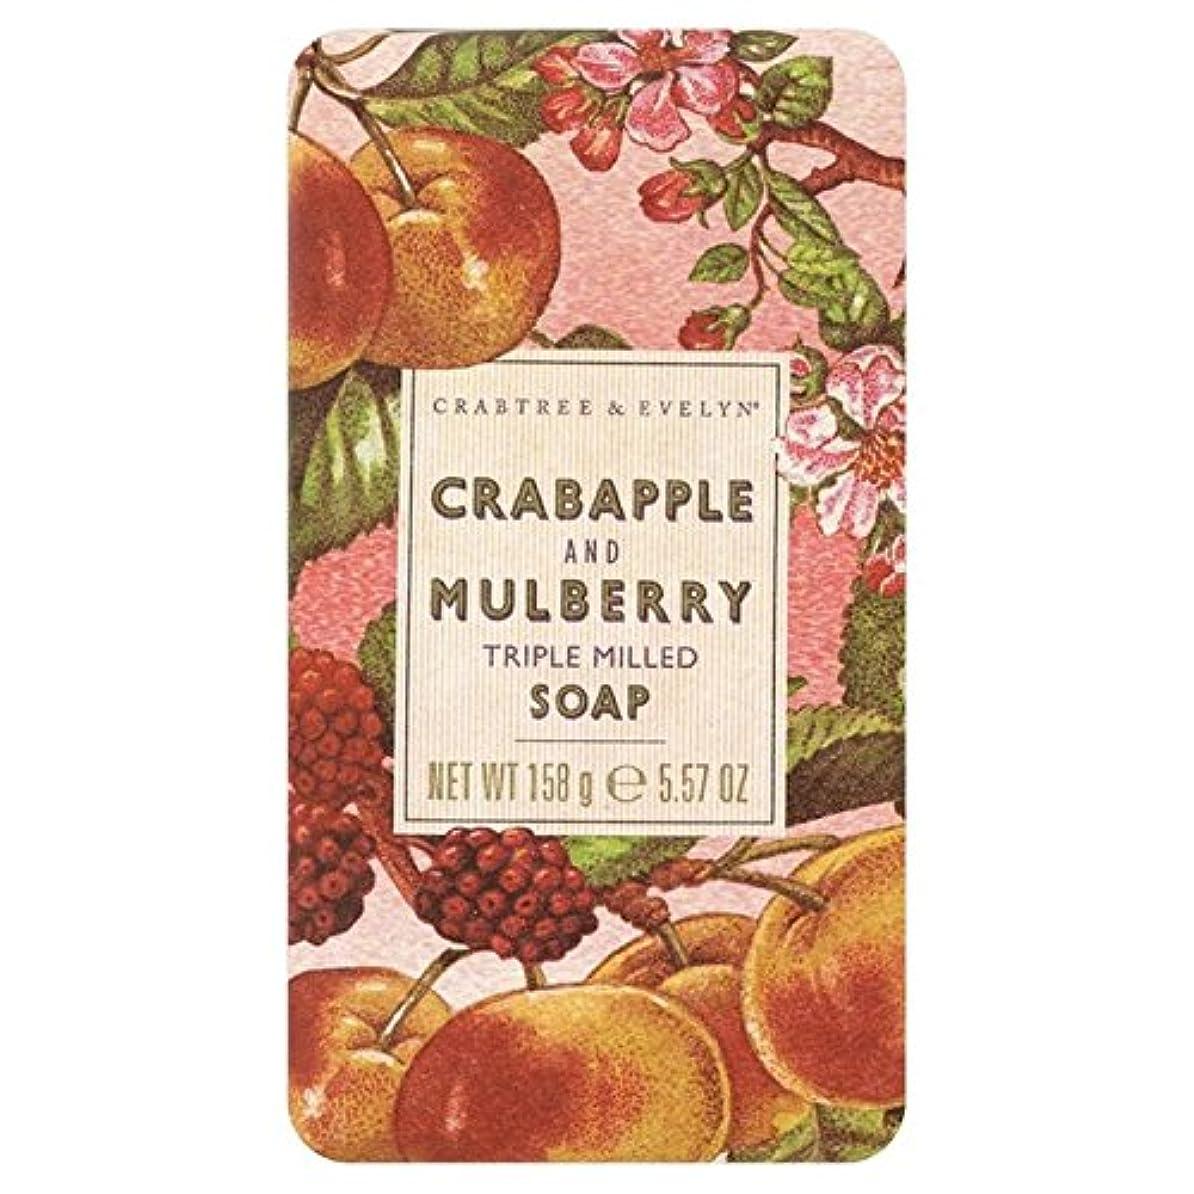 義務付けられた検閲助手クラブツリー&イヴリンと桑遺産石鹸150グラム x4 - Crabtree & Evelyn Crabapple and Mulberry Heritage Soap 150g (Pack of 4) [並行輸入品]